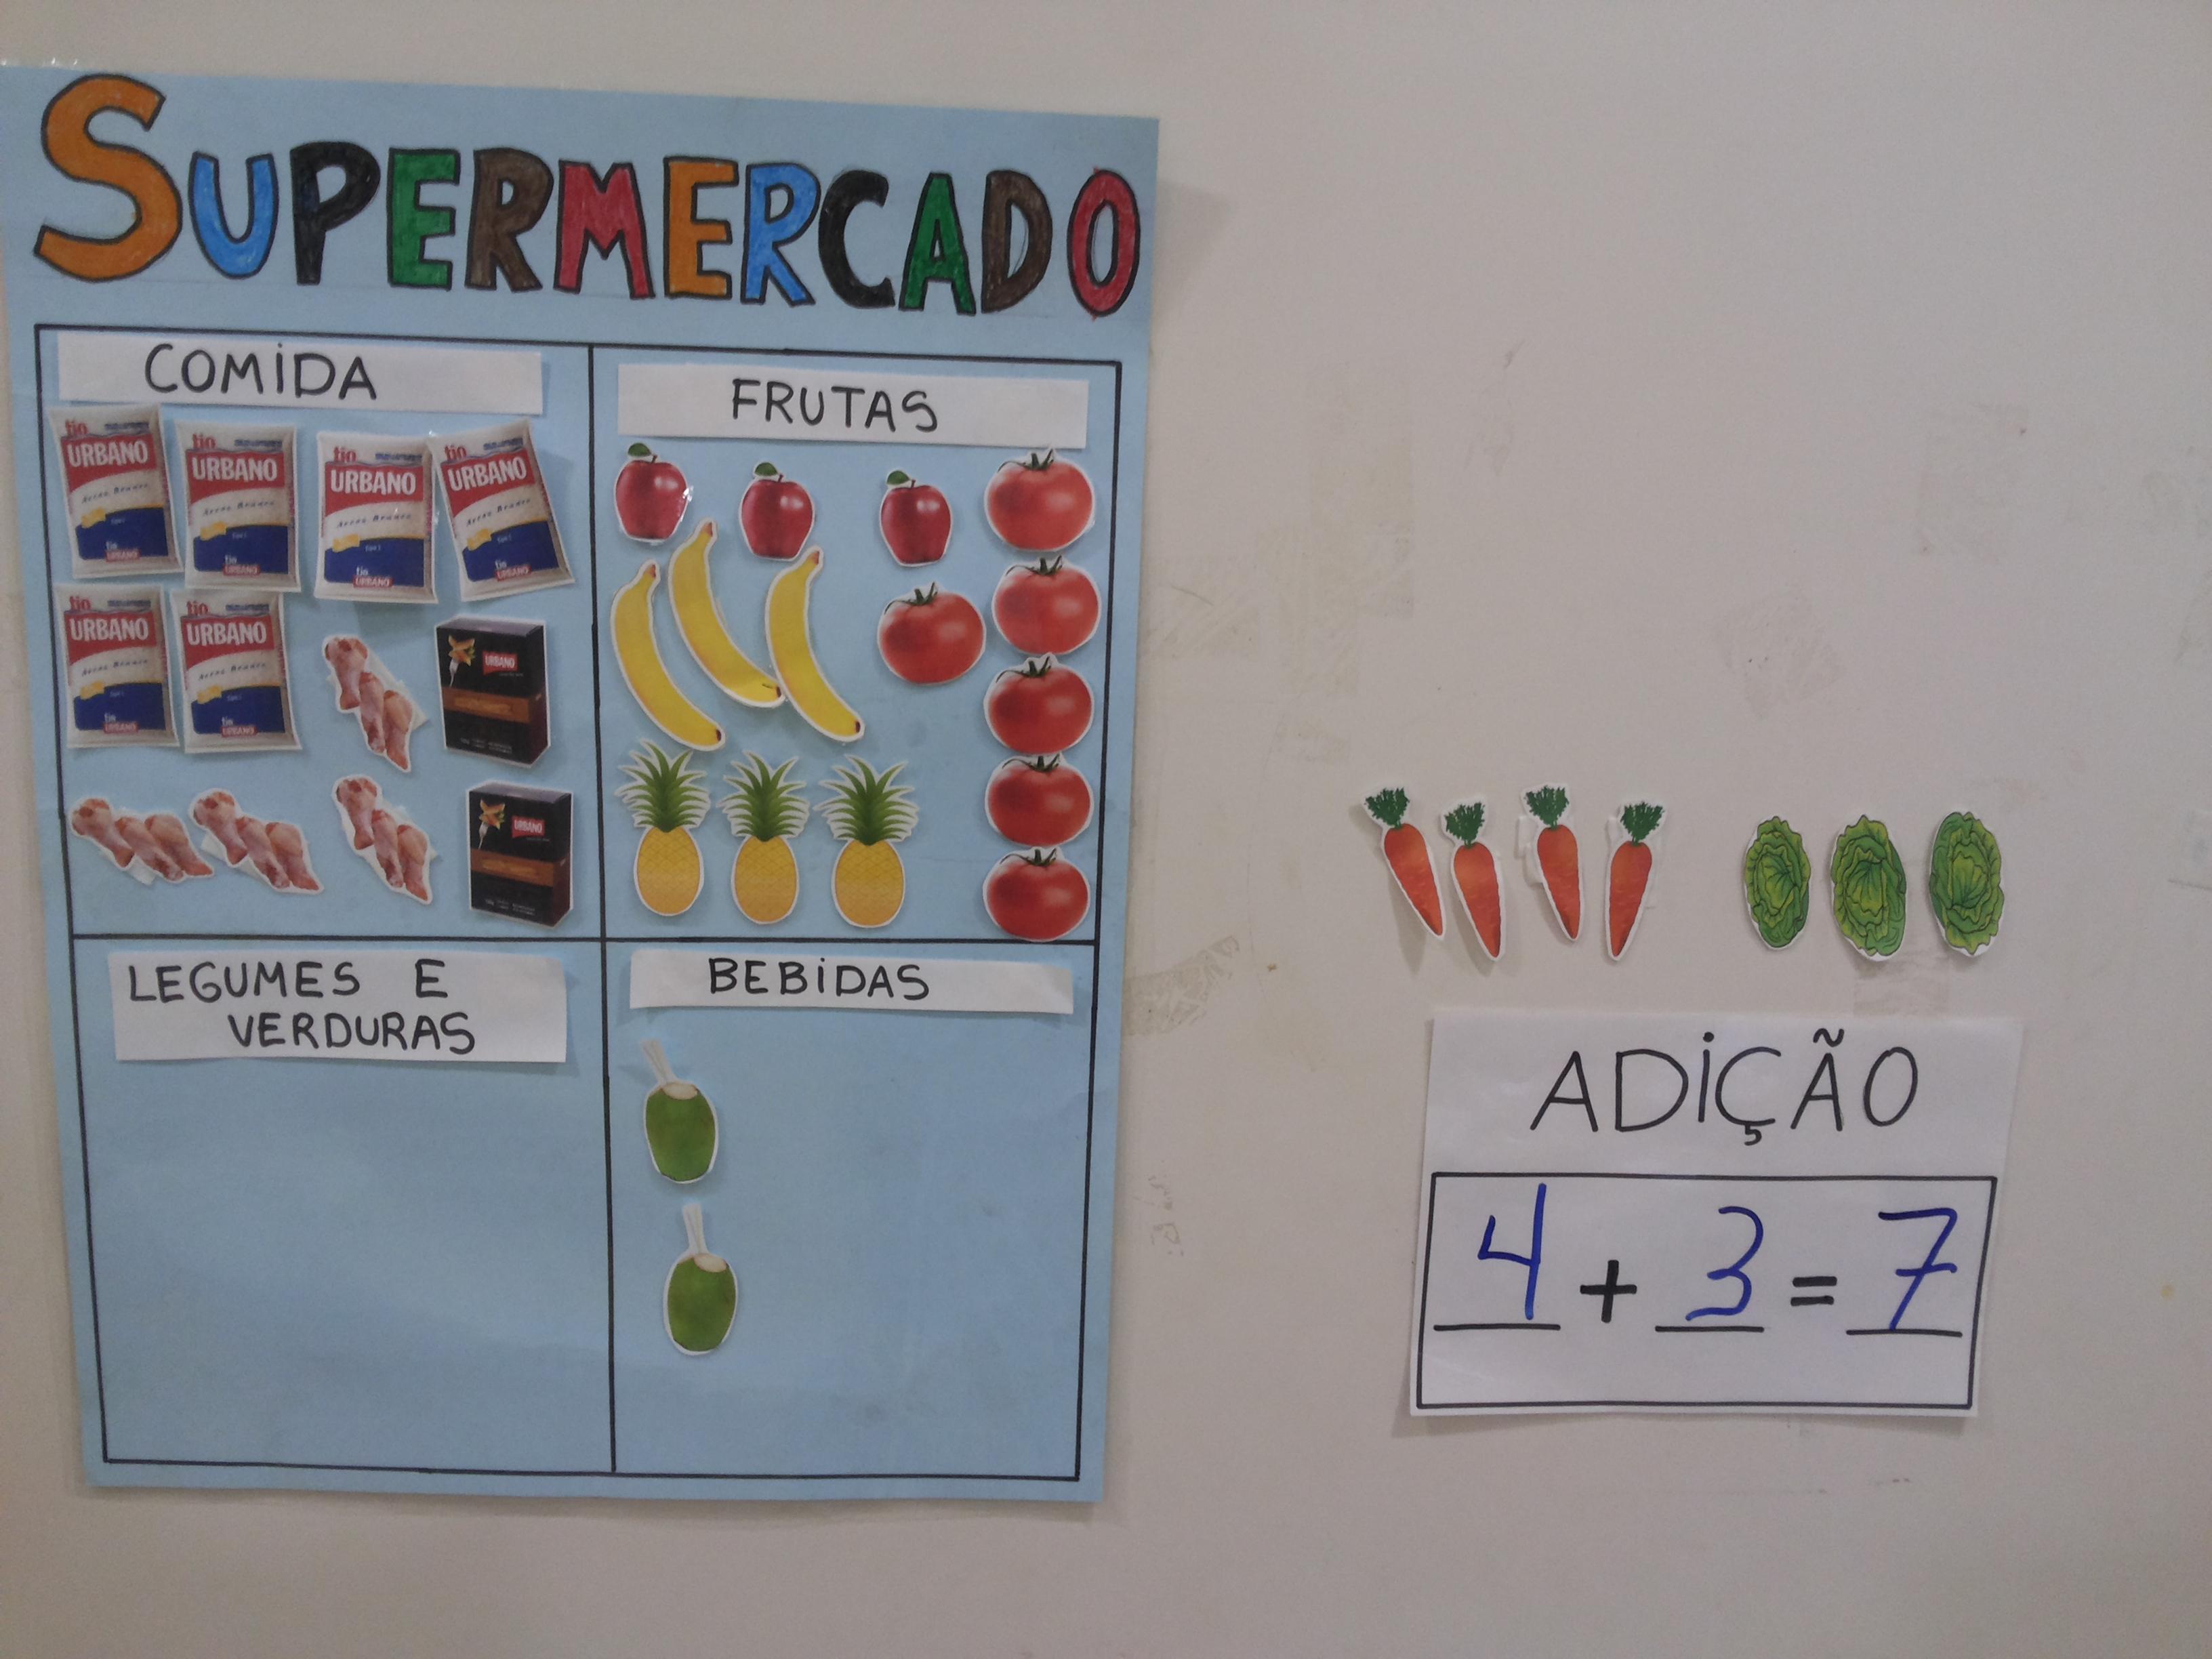 Programa brasileiro de inclusao digital 1b - 3 part 6